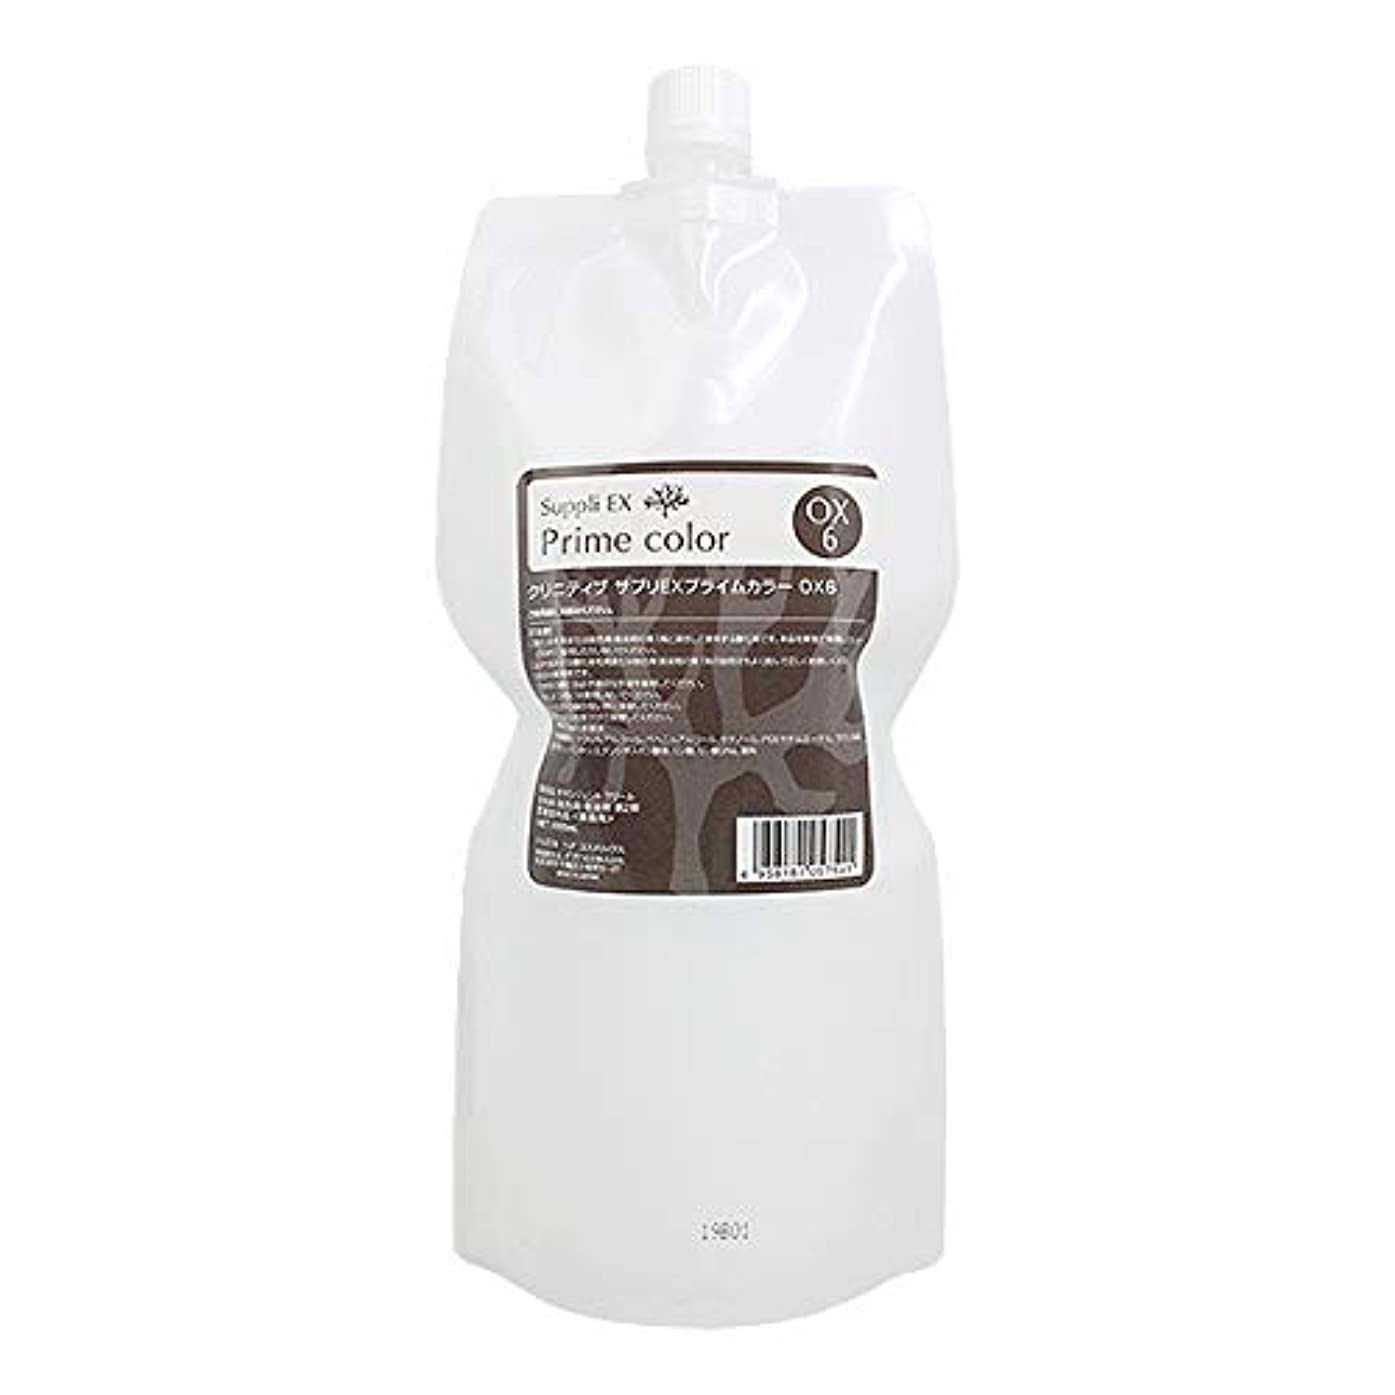 記念品寄付消すイリヤ化学 クリニティブ サプリEXプライムカラー アテンド(染毛補助クリーム) 300g